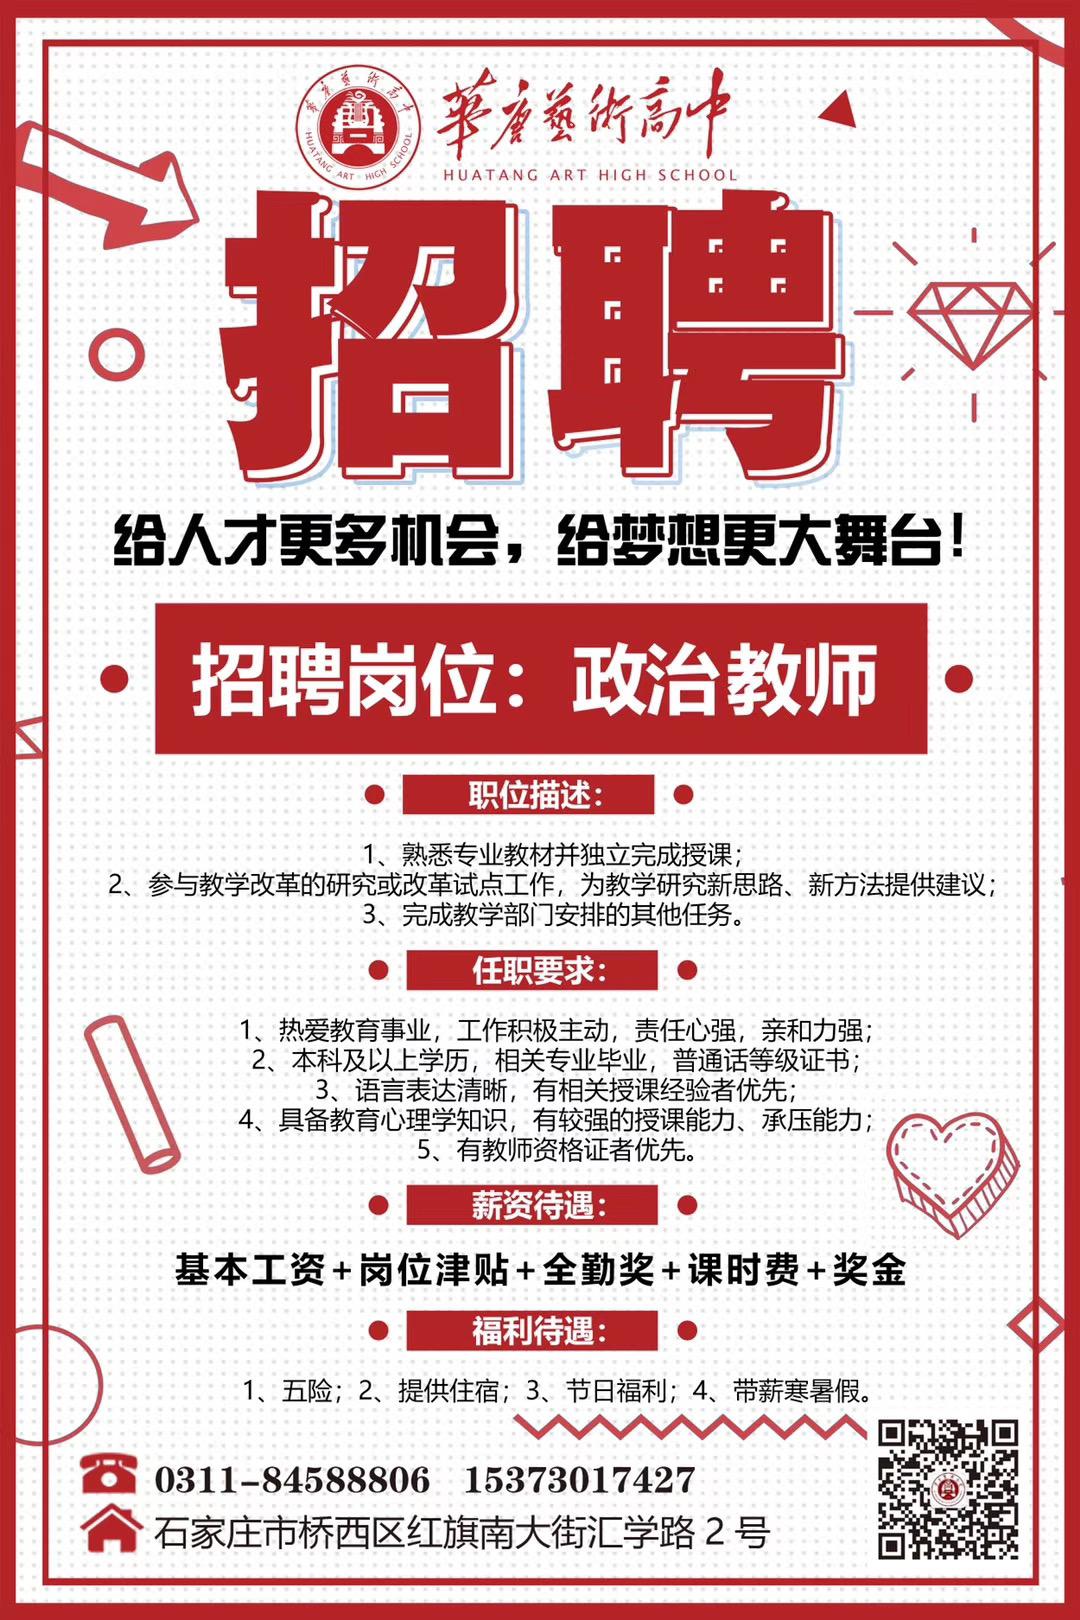 365体育备用网址:華唐藝術高中招聘